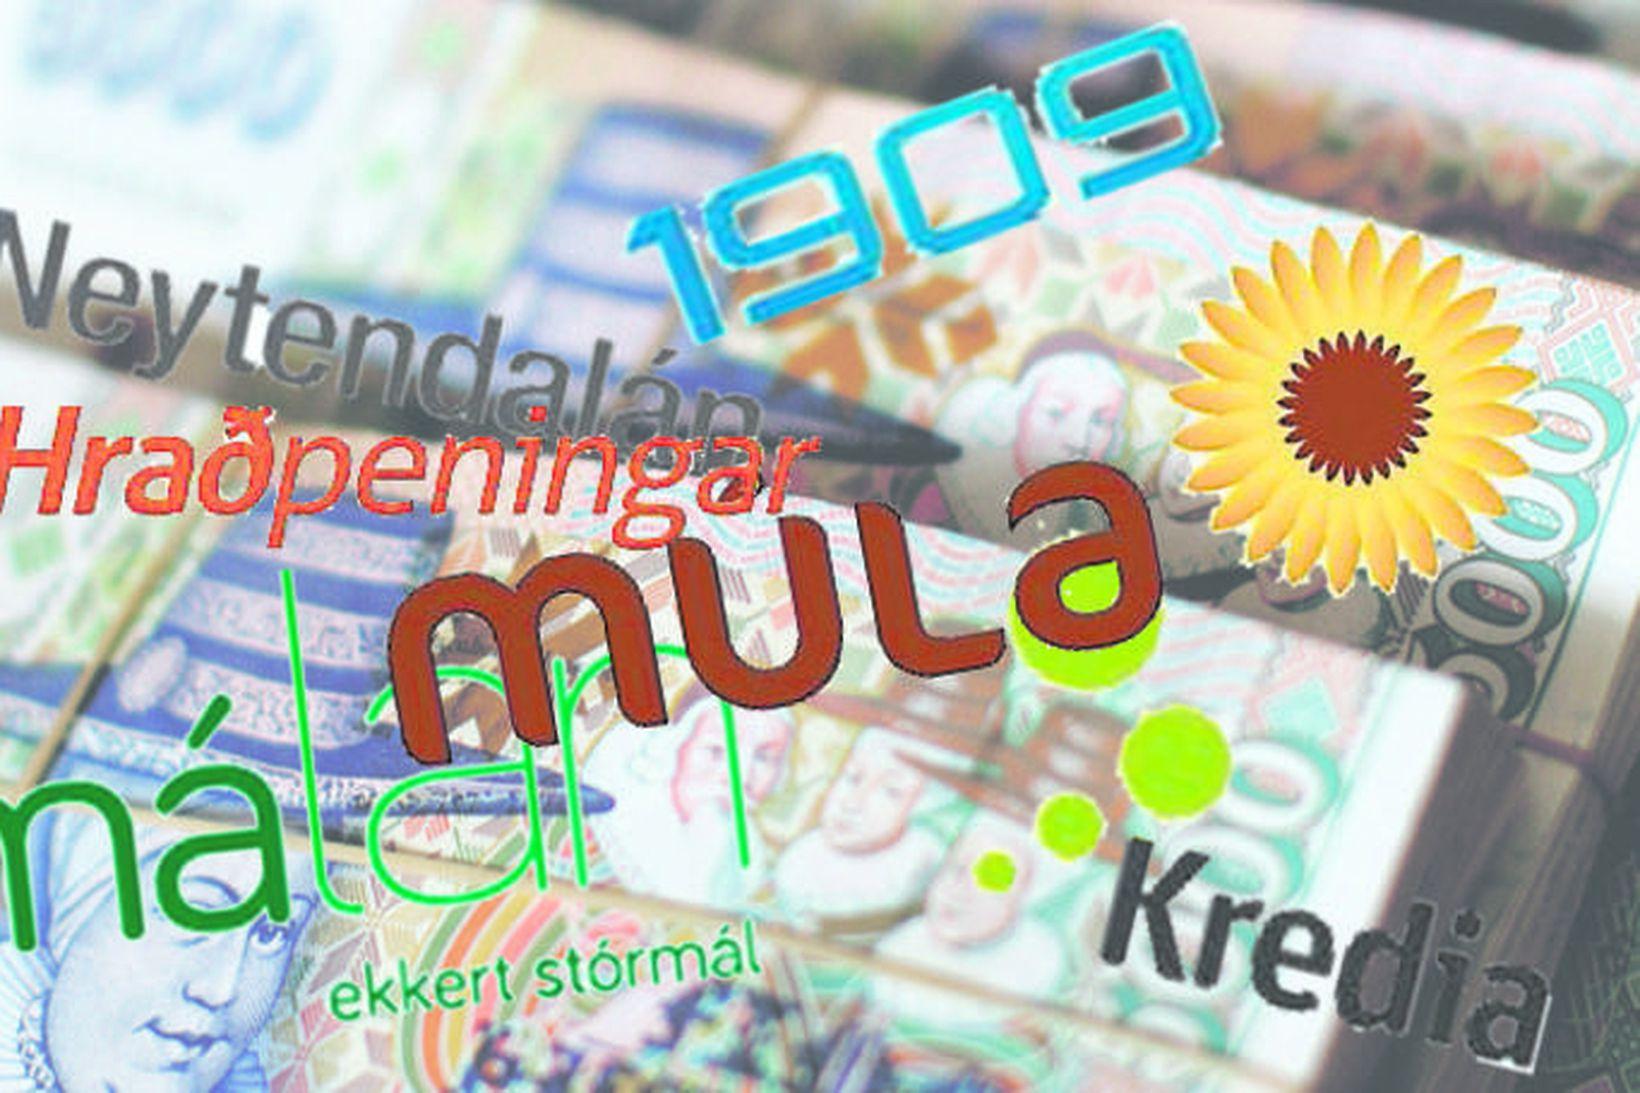 BPO Innheimta hefur keypt allt kröfusafn Kredia, Hraðpeninga, Smálána, 1909 …